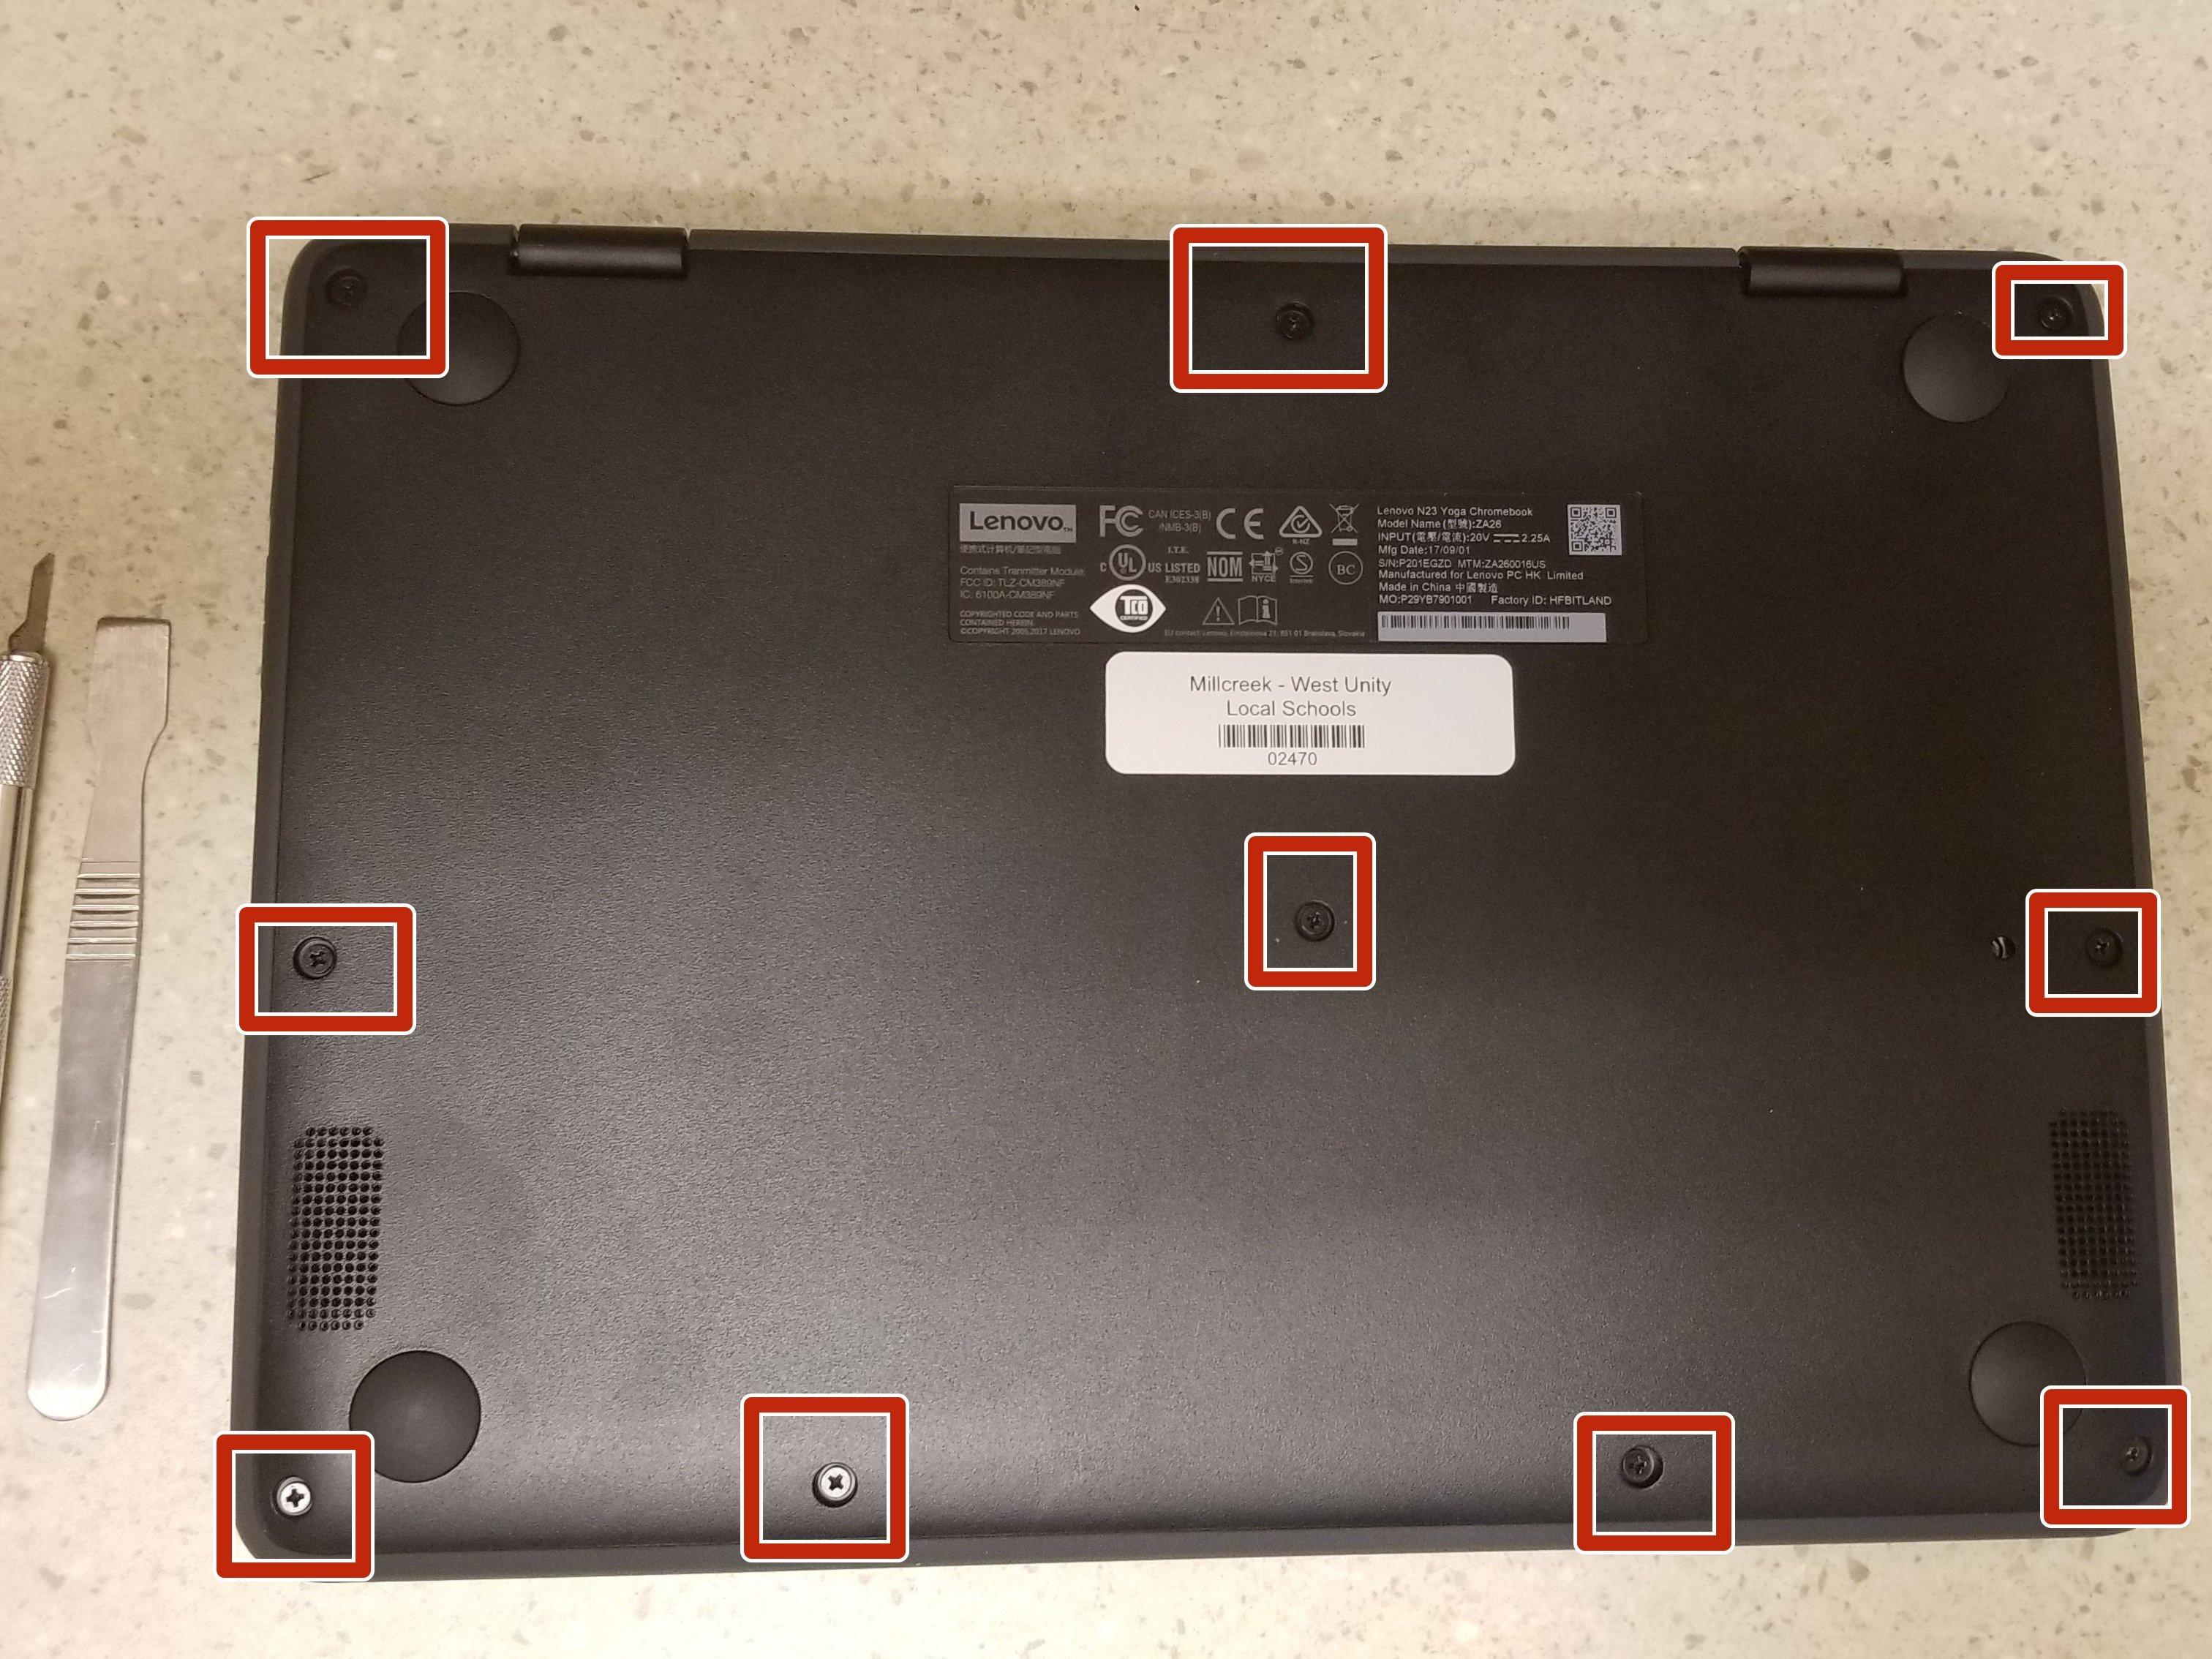 Lenovo N23 Yoga Keyboard Replacement - iFixit Repair Guide